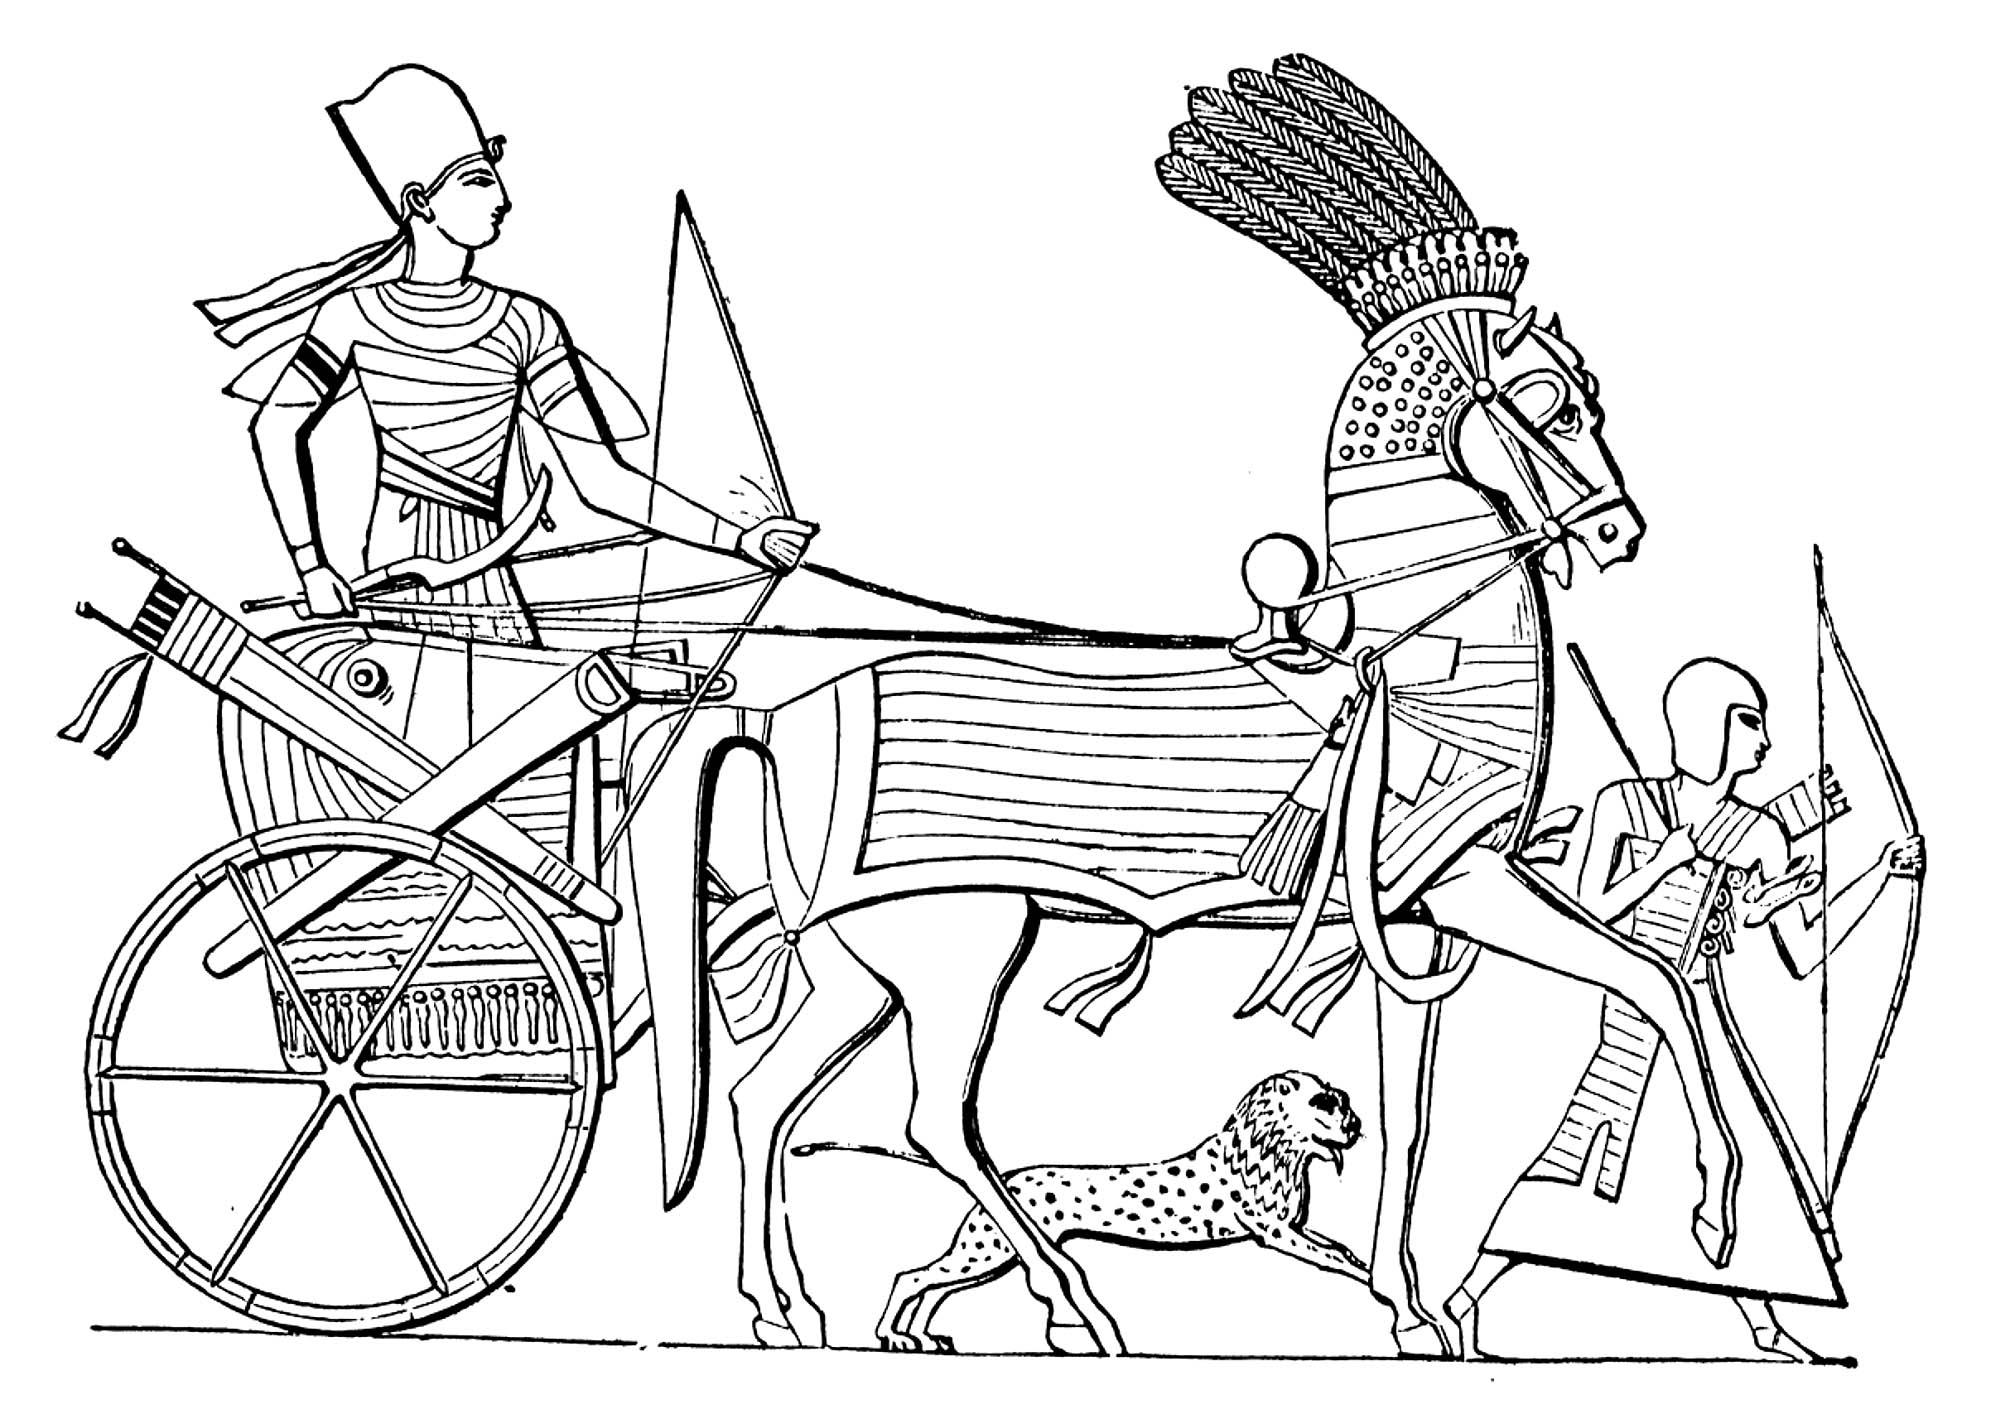 Disegni da colorare per adulti : Egitto & Geroglifici - 16